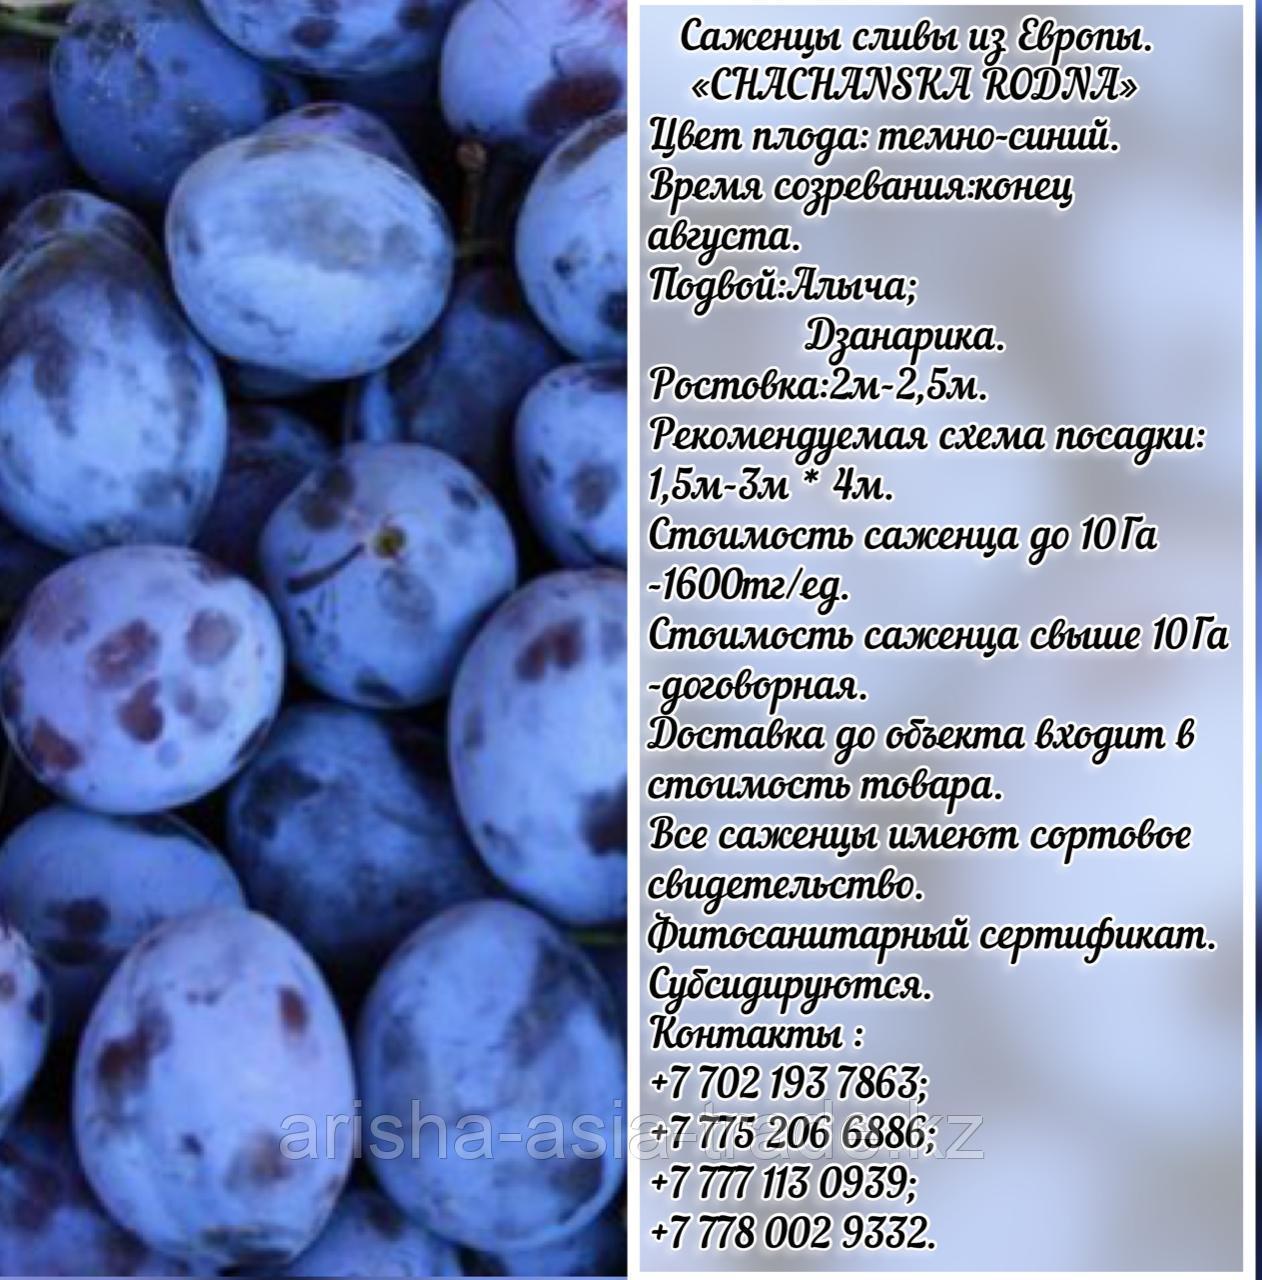 Саженец  сливы Chachanska Rodna (Чачакская родная) Сербия